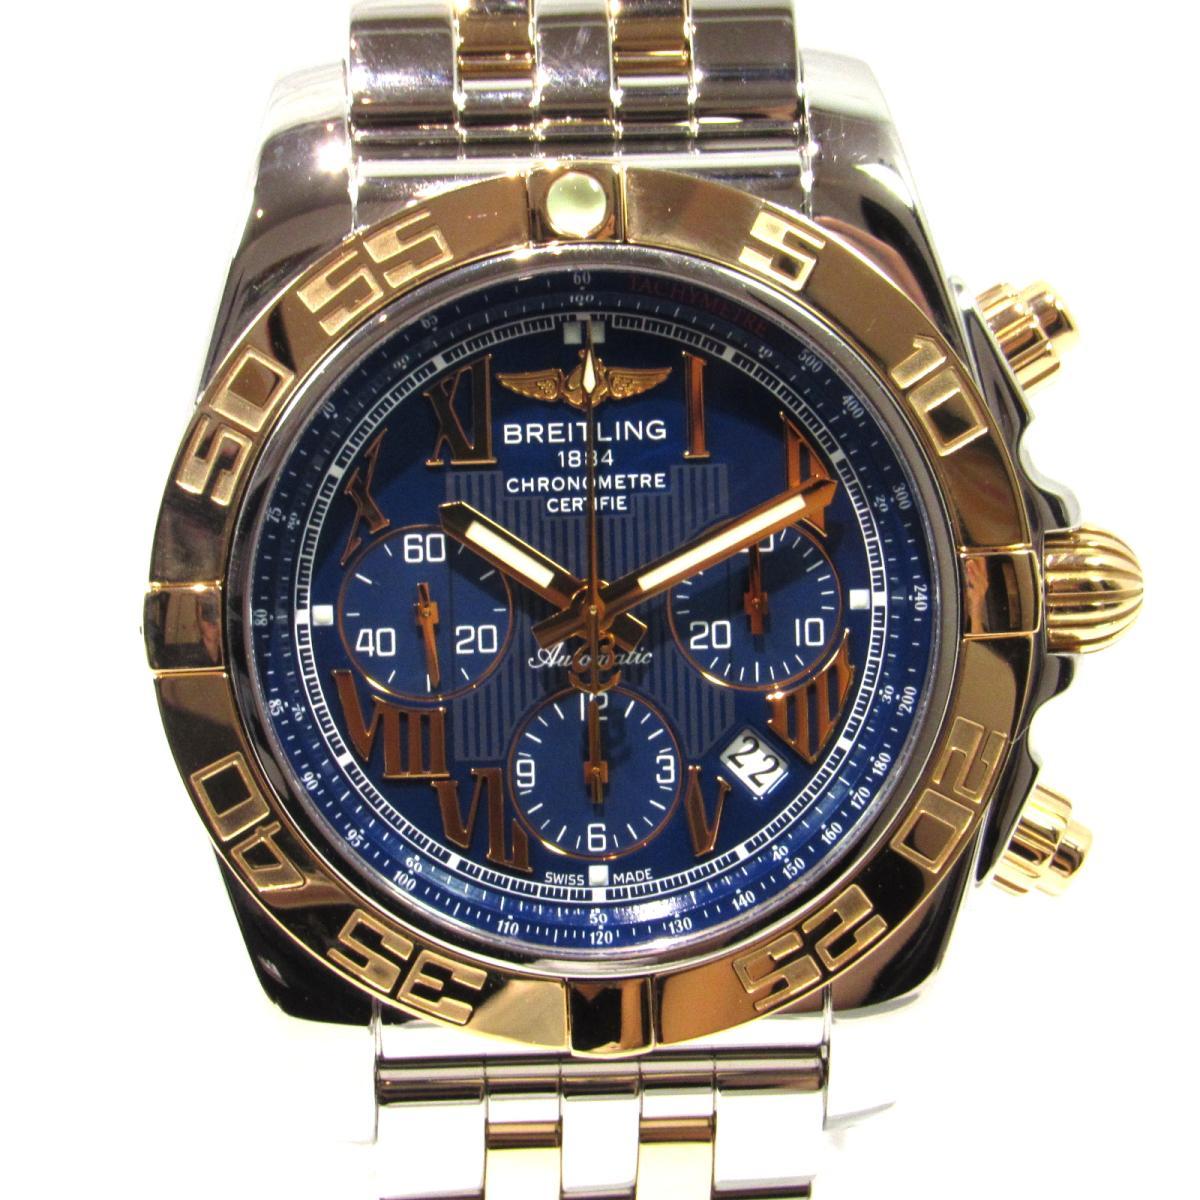 【ご予約品】 【】 ブライトリング メンズ クロノマット44 時計 ウォッチ メンズ | ステンレススチール (SS) 腕時計 x K18 シルバー ゴールド ブルー (CB011012/C784) | BREITLING BRANDOFF ブランドオフ ブランド ブランド時計 ブランド腕時計 腕時計, アルマーディオ:f57dc0bc --- cpps.dyndns.info